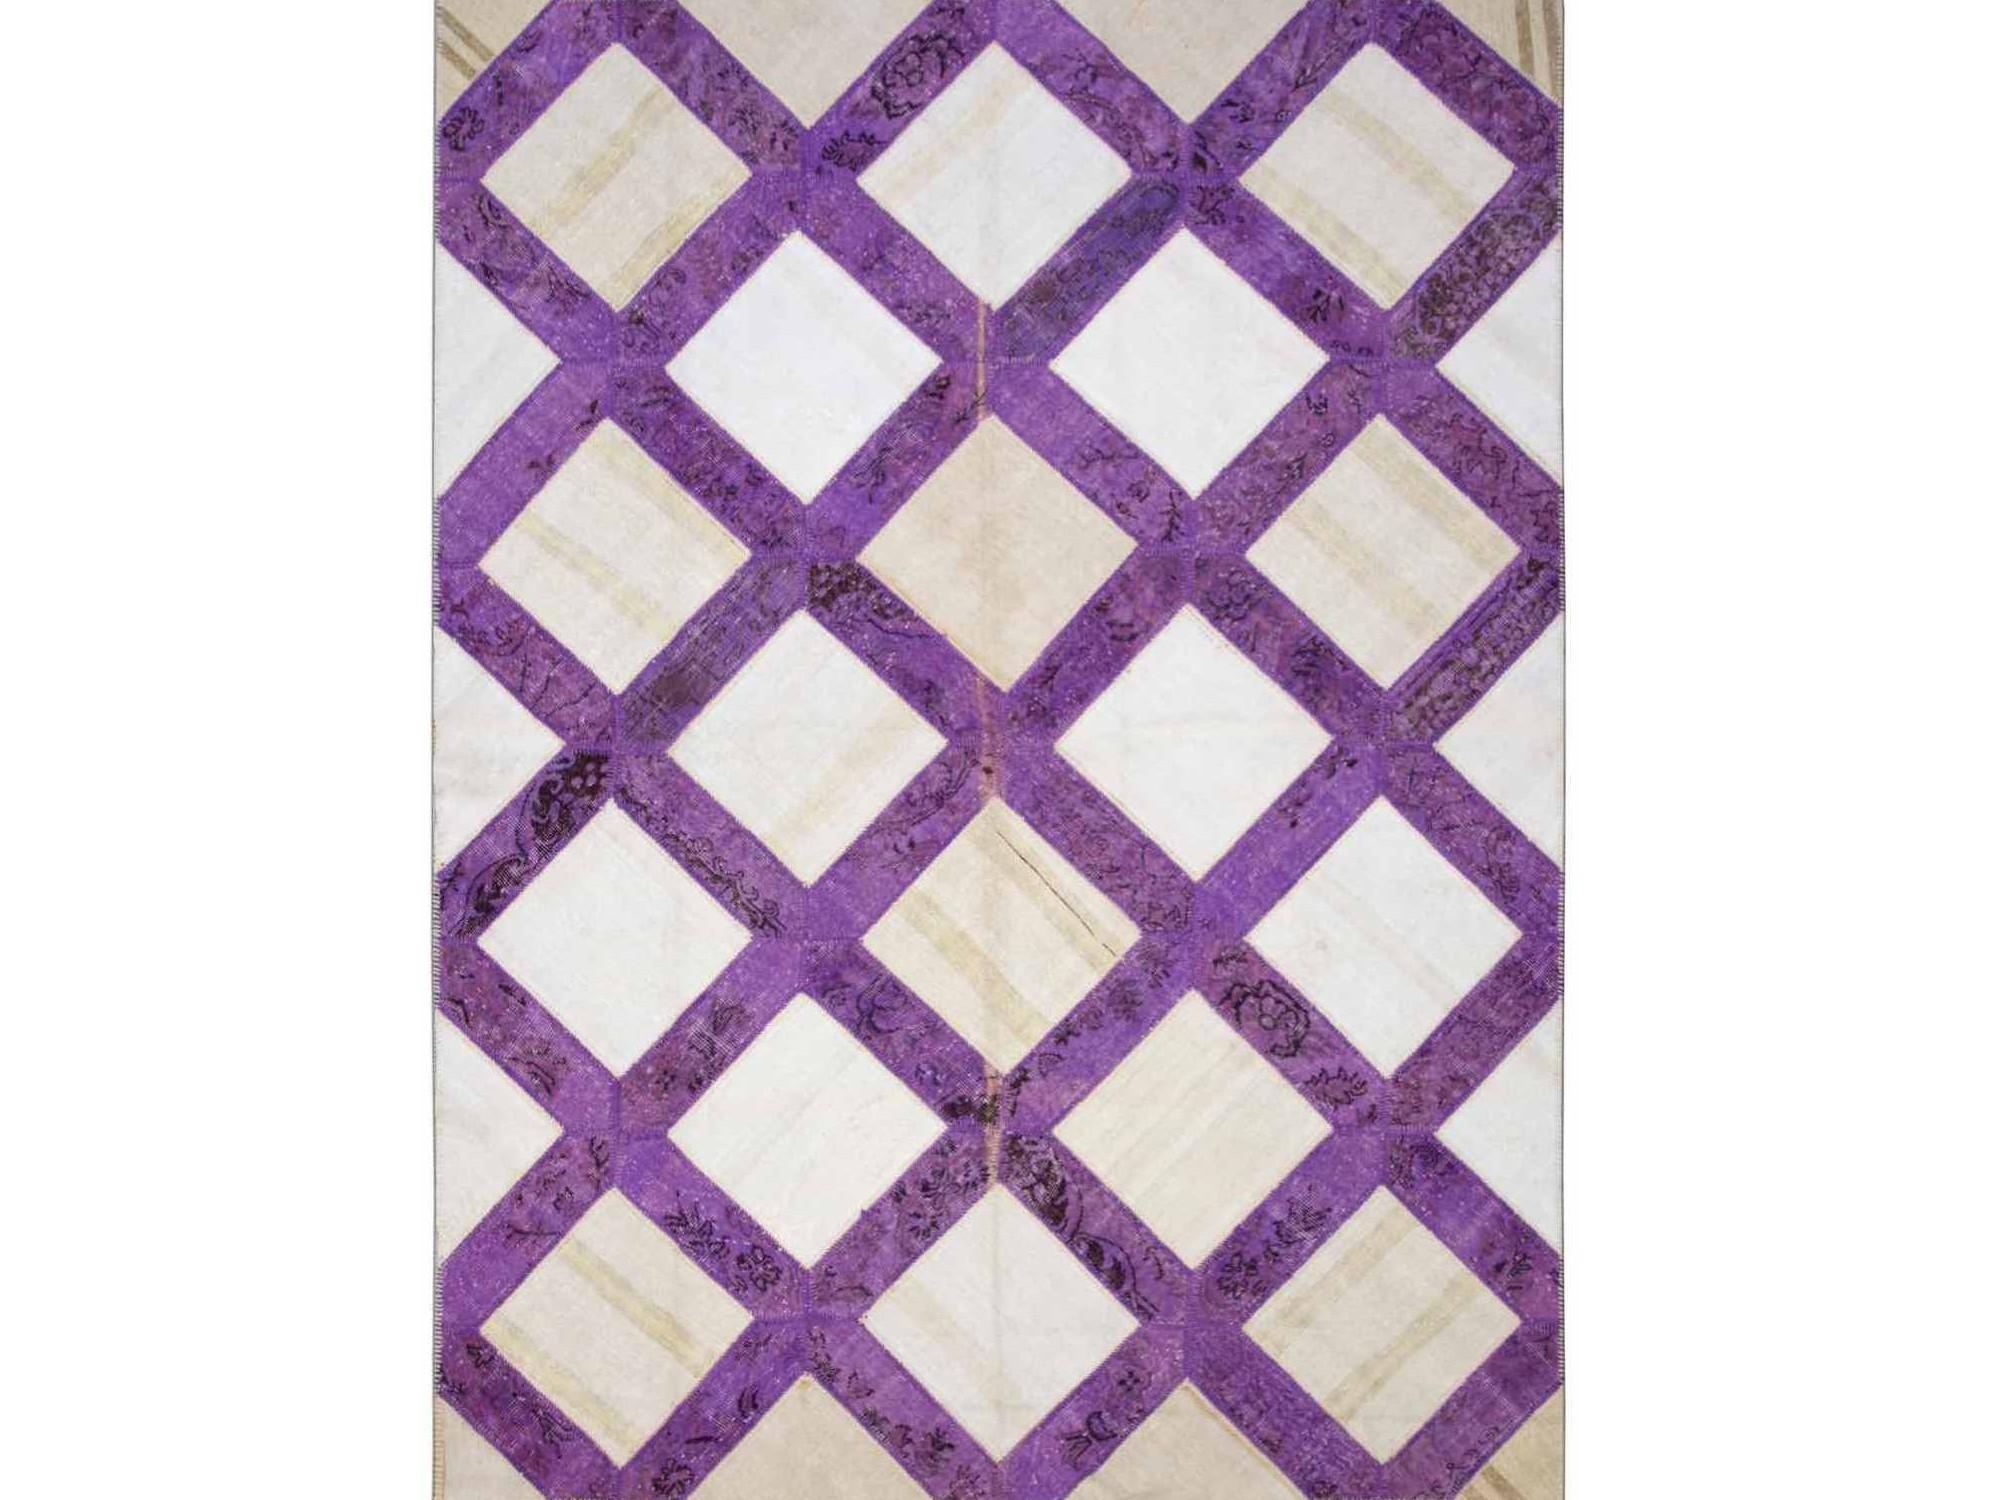 Ковер PatchworkПрямоугольные ковры<br>Винтажный ковер ручной работы в стиле &amp;quot;пэчворк&amp;quot; <br>из 100% шерсти. Ковер прекрасно подходит в <br>любые современные и классические интерьеры, <br>а благодаря толщине ковра всего 5 мм. и отсутствию <br>ворса, его легко чистить любыми видами пылесосов. <br>Этот настоящий ковер ручной работы не потеряет <br>своих красок и будет служить десятилетия.<br><br>Material: Шерсть<br>Ширина см: 241<br>Глубина см: 323